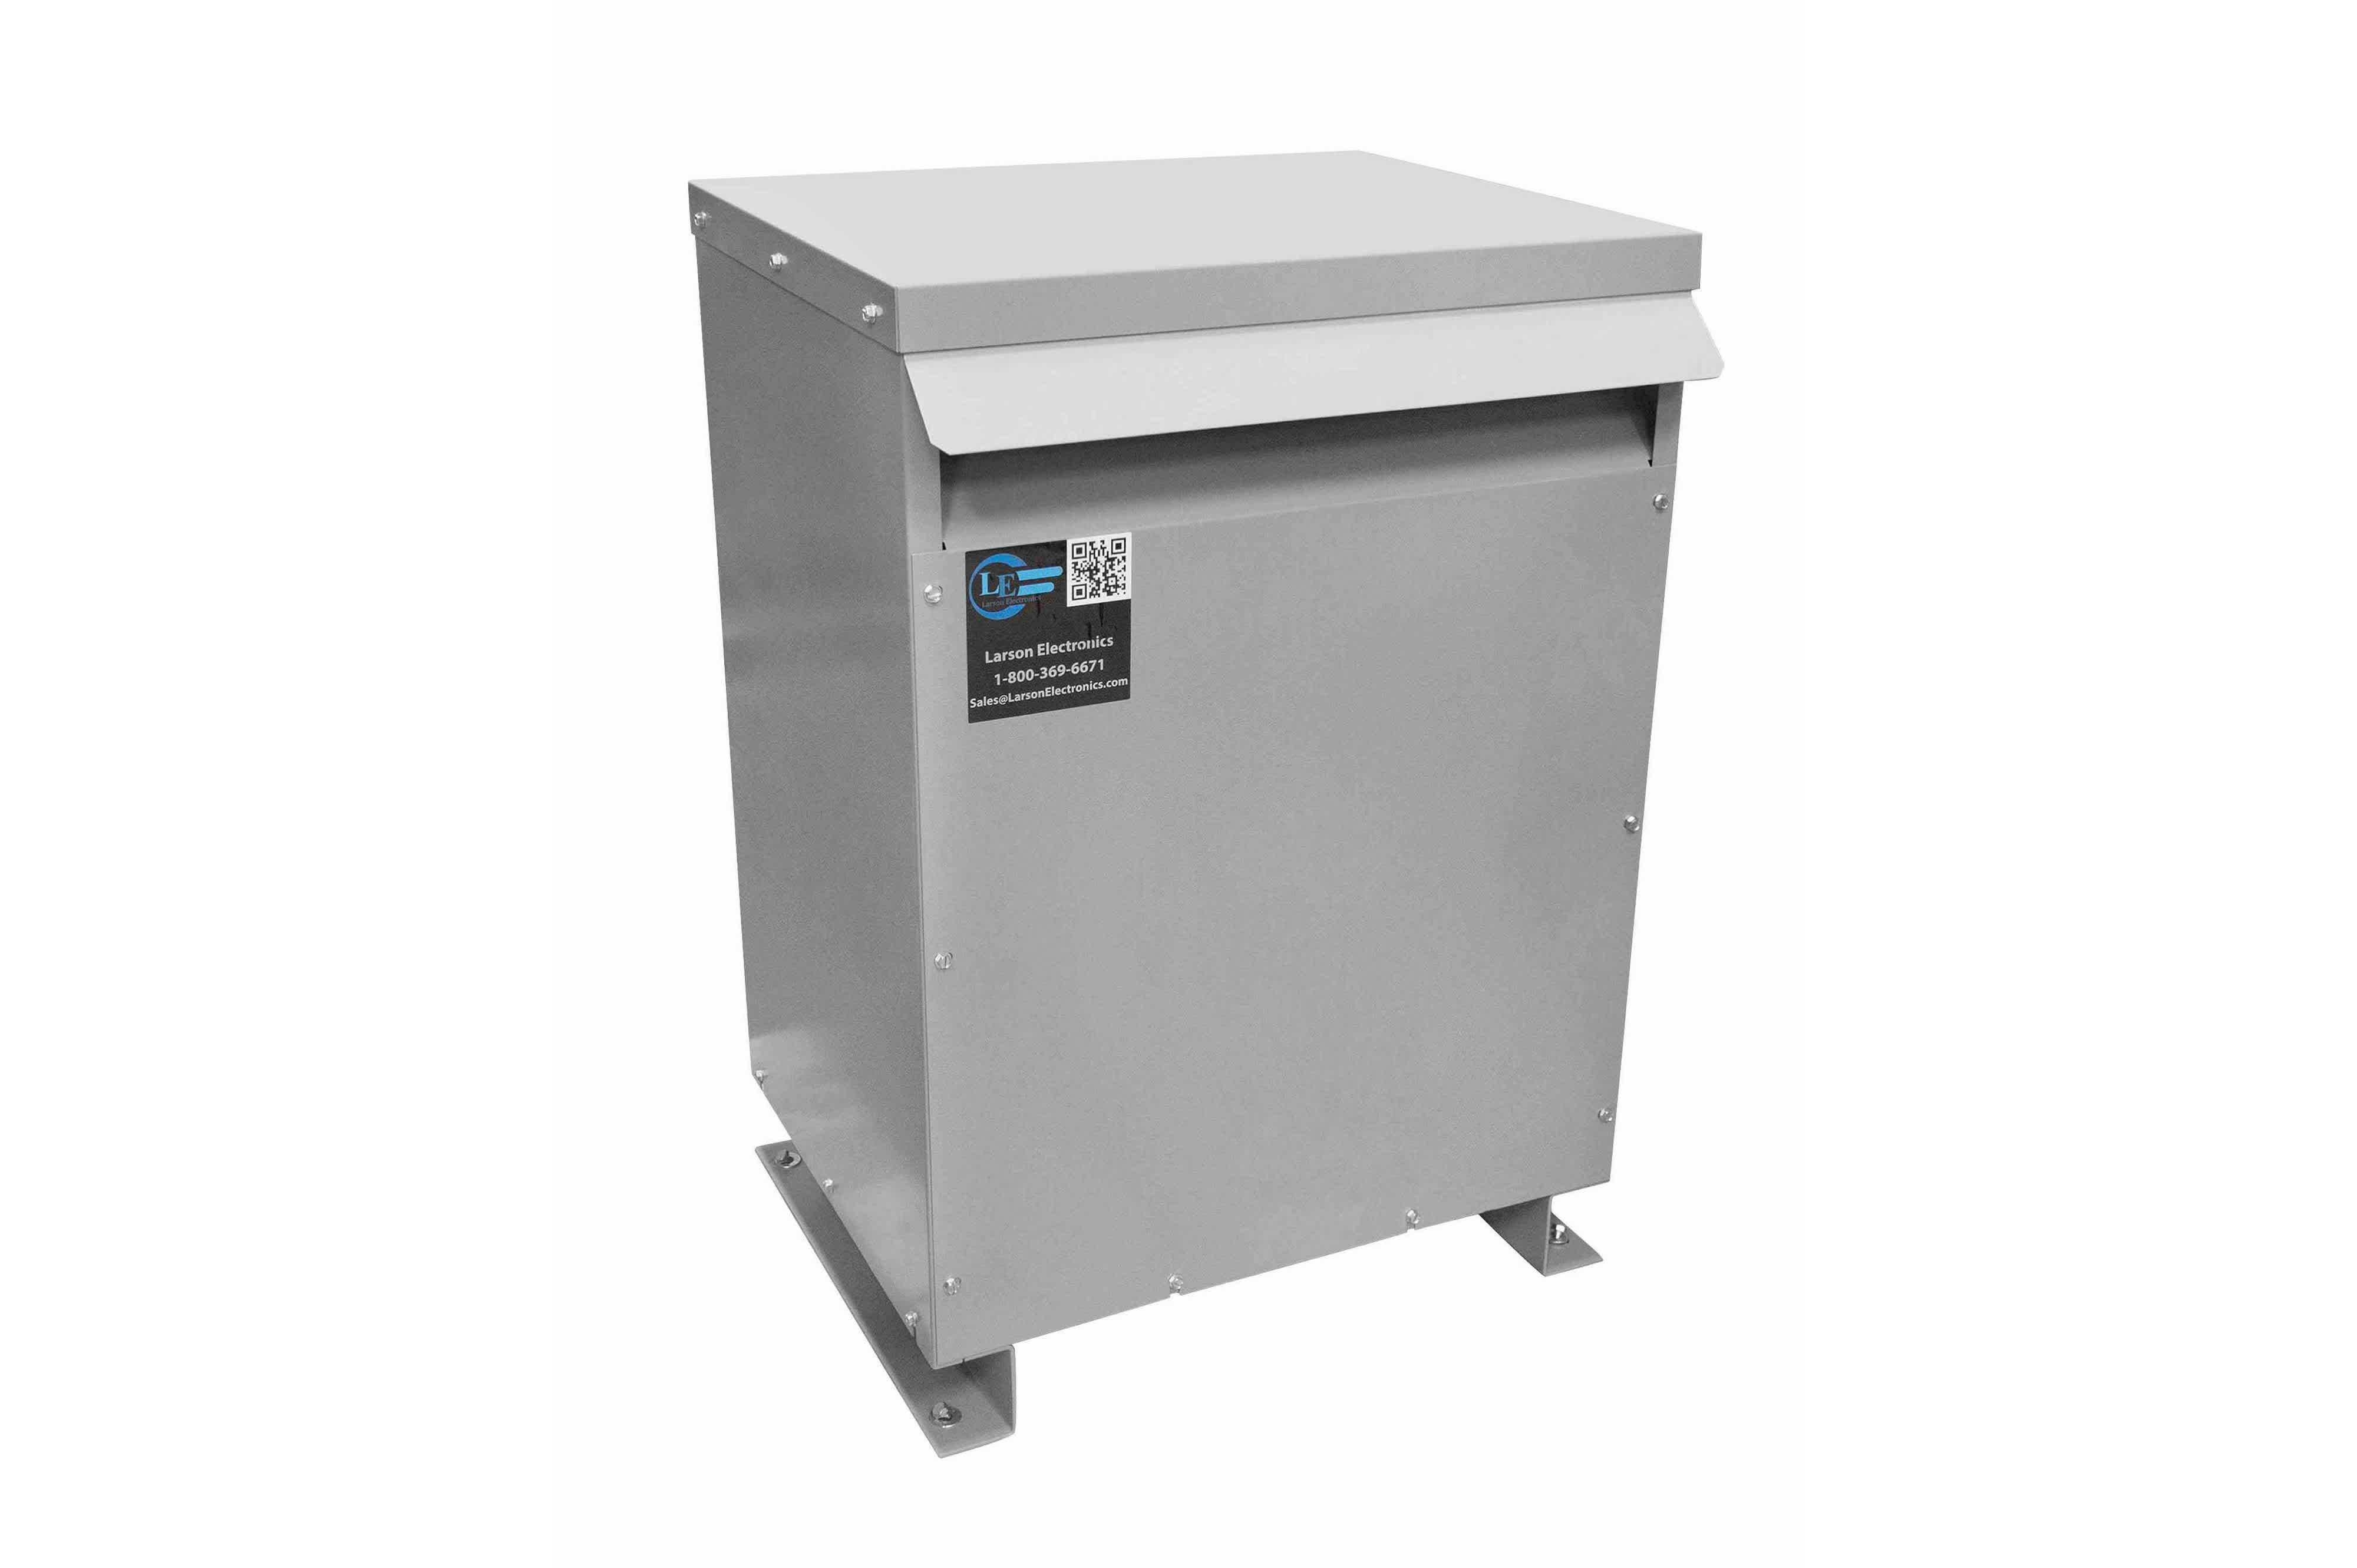 55 kVA 3PH Isolation Transformer, 240V Delta Primary, 380V Delta Secondary, N3R, Ventilated, 60 Hz